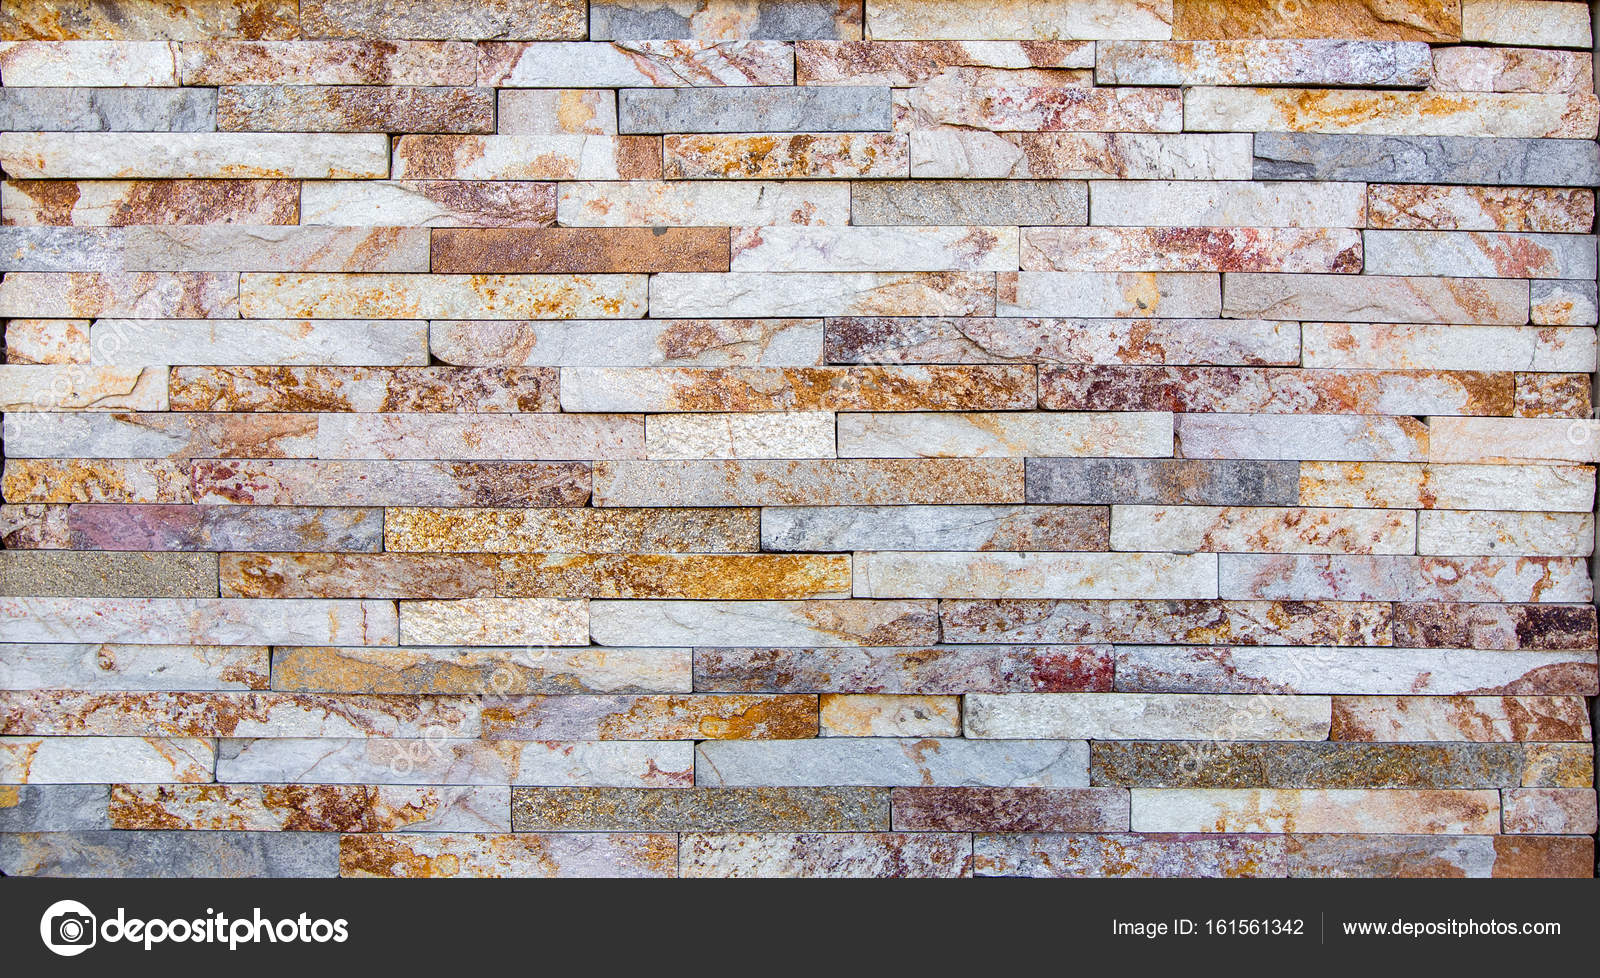 Textura de piedra decorativa foto de stock bespaliya for Diseno de piedras decorativas